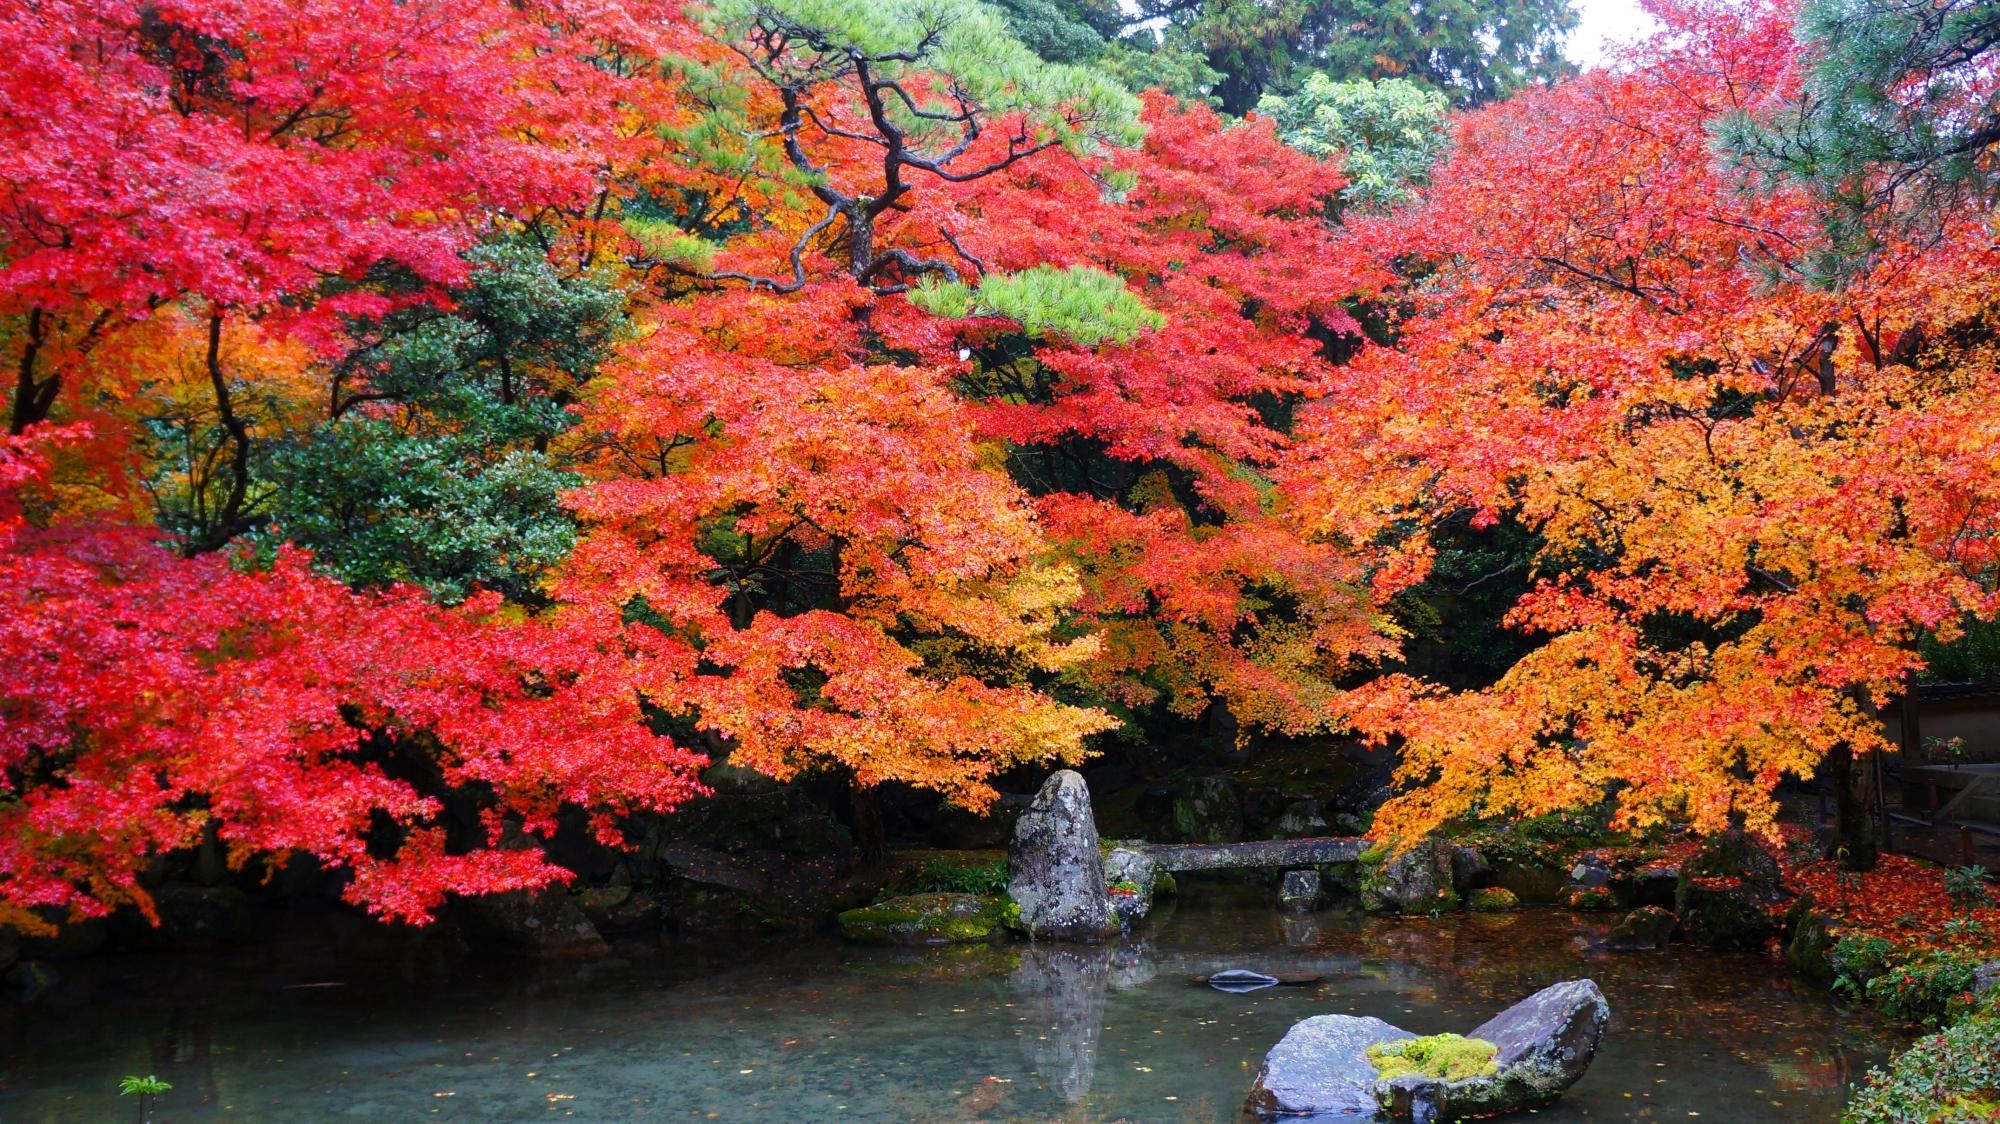 蓮華寺の池泉式庭園の紅葉